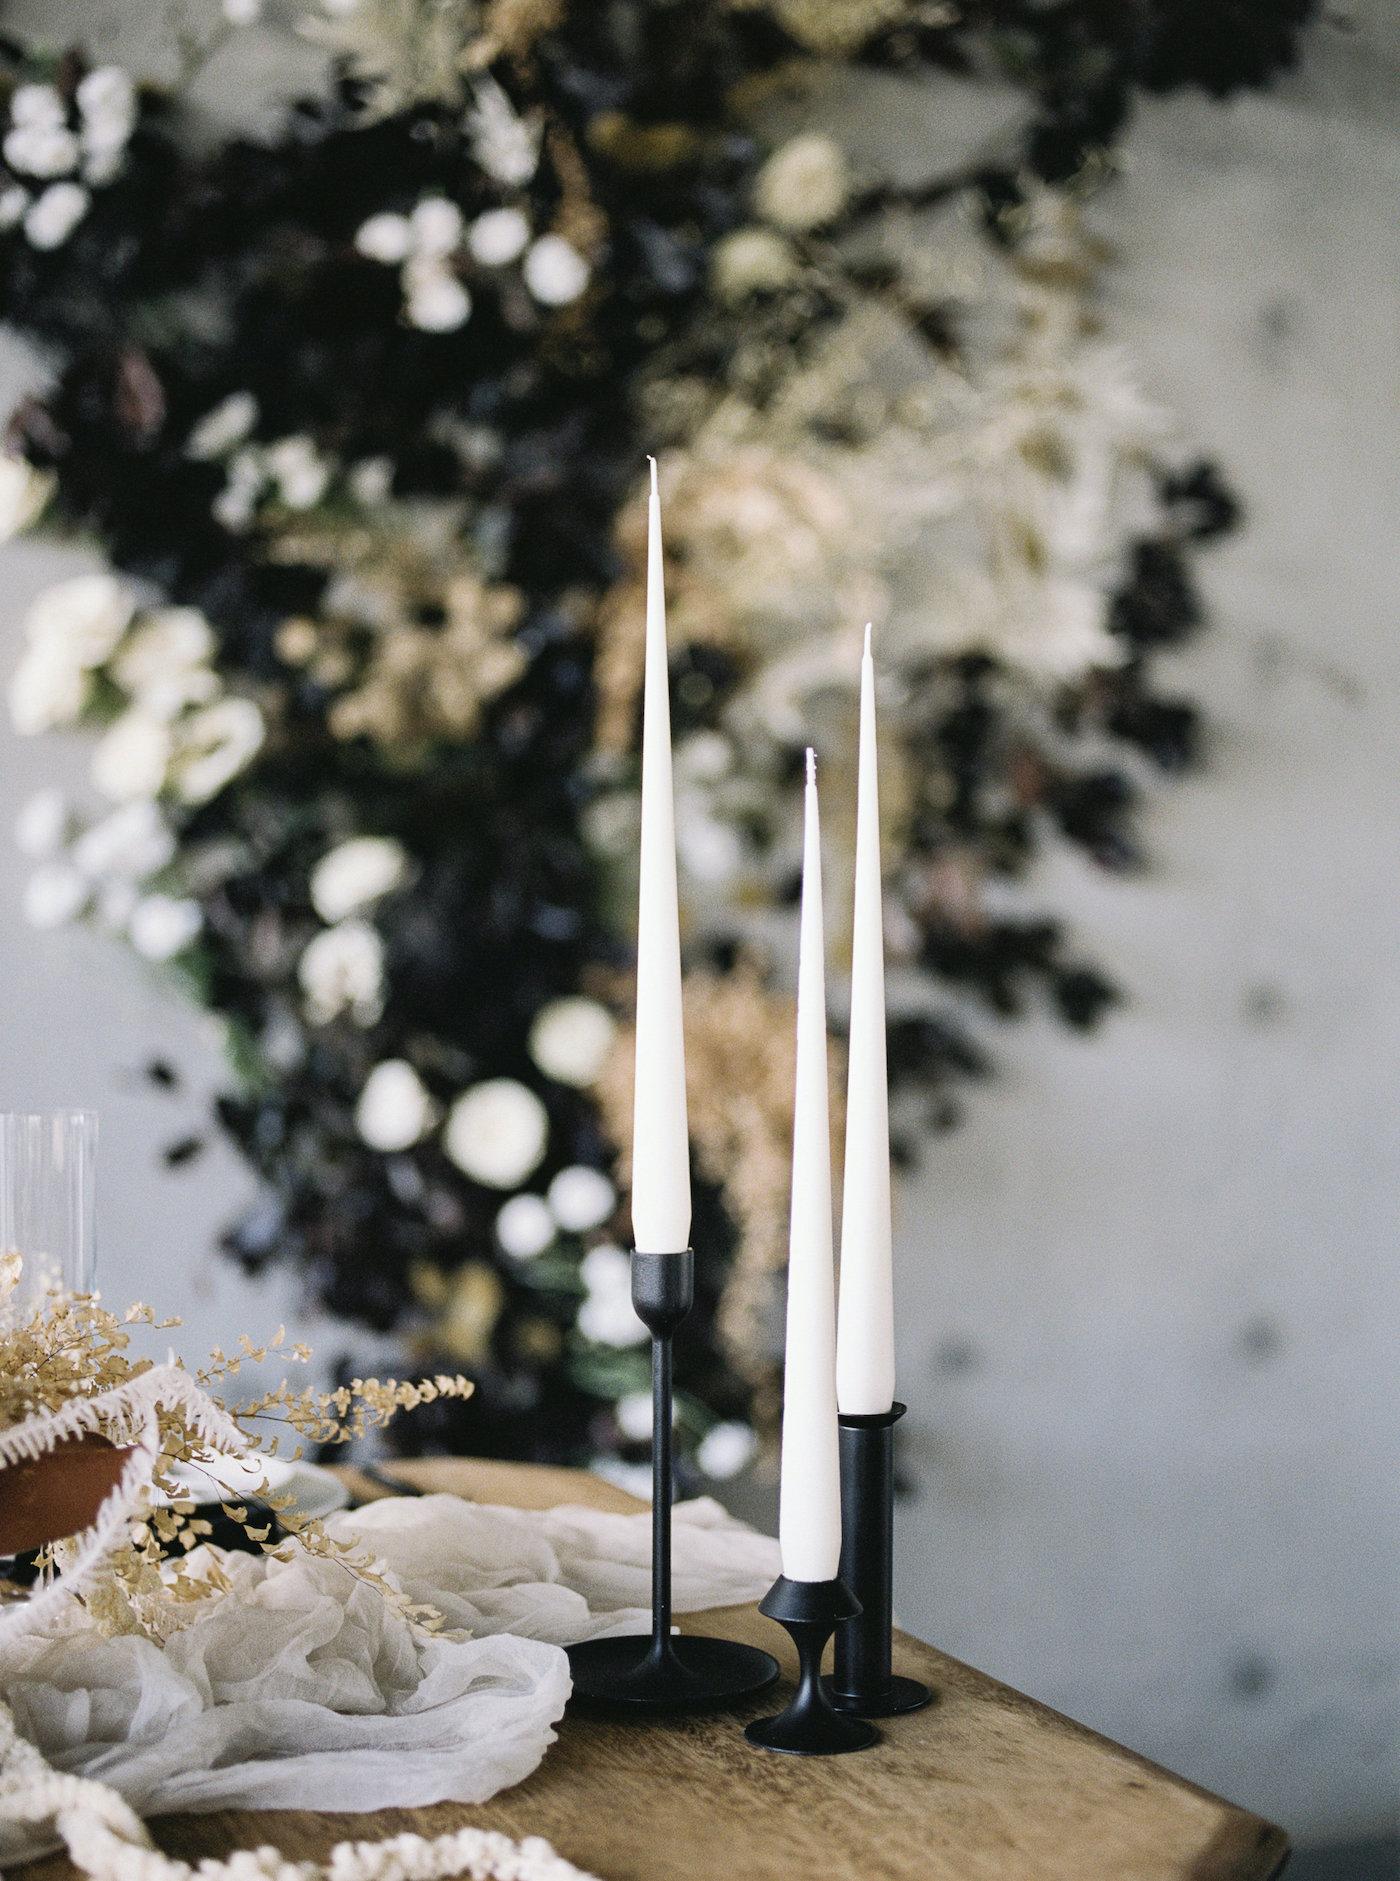 Kerzenhalter mit schwarzer Verjüngung